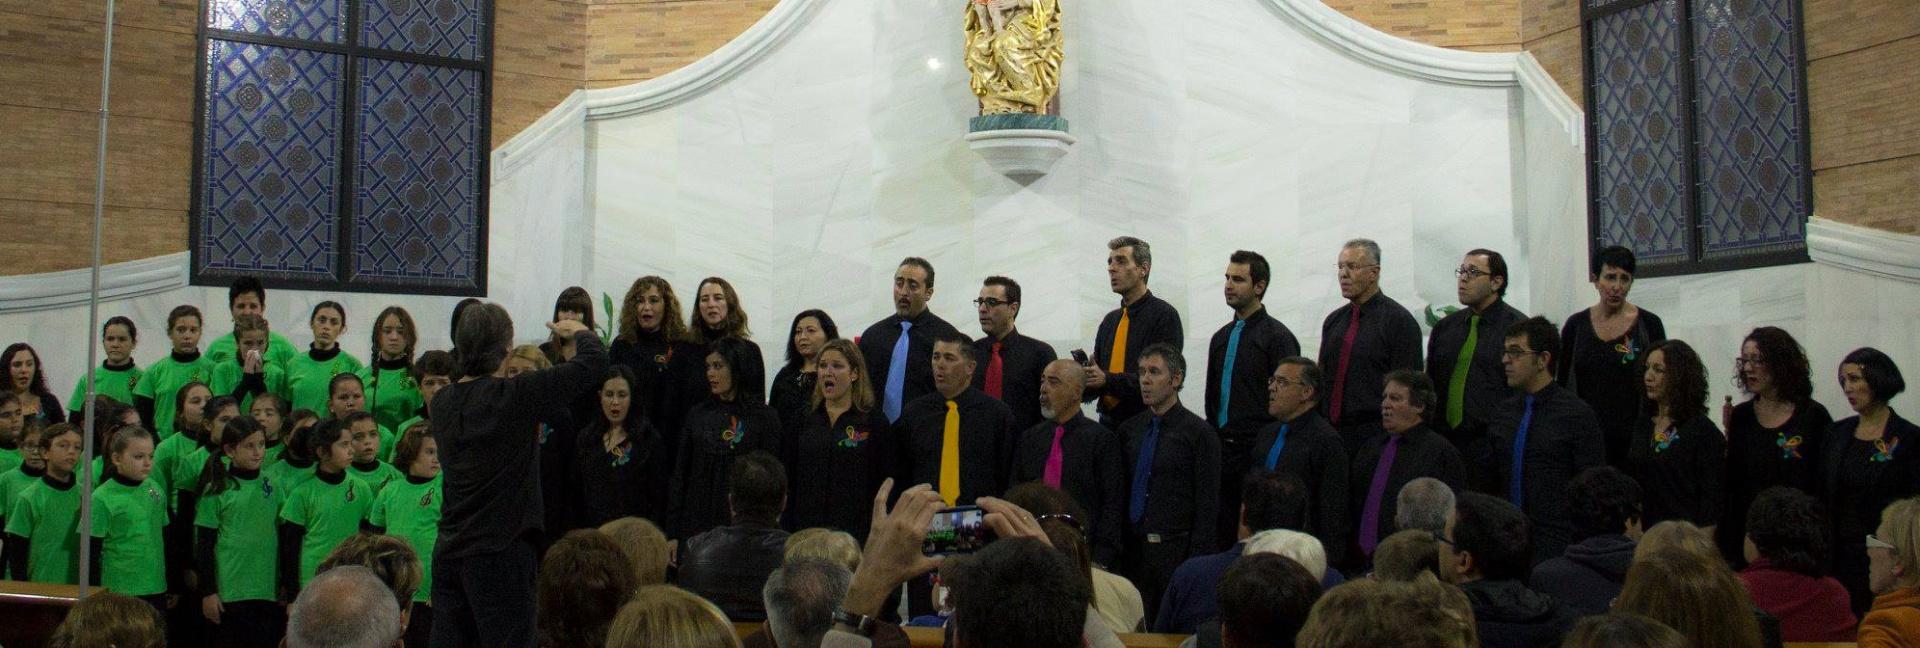 Foto-escolanía-y-coro-juntos---mod